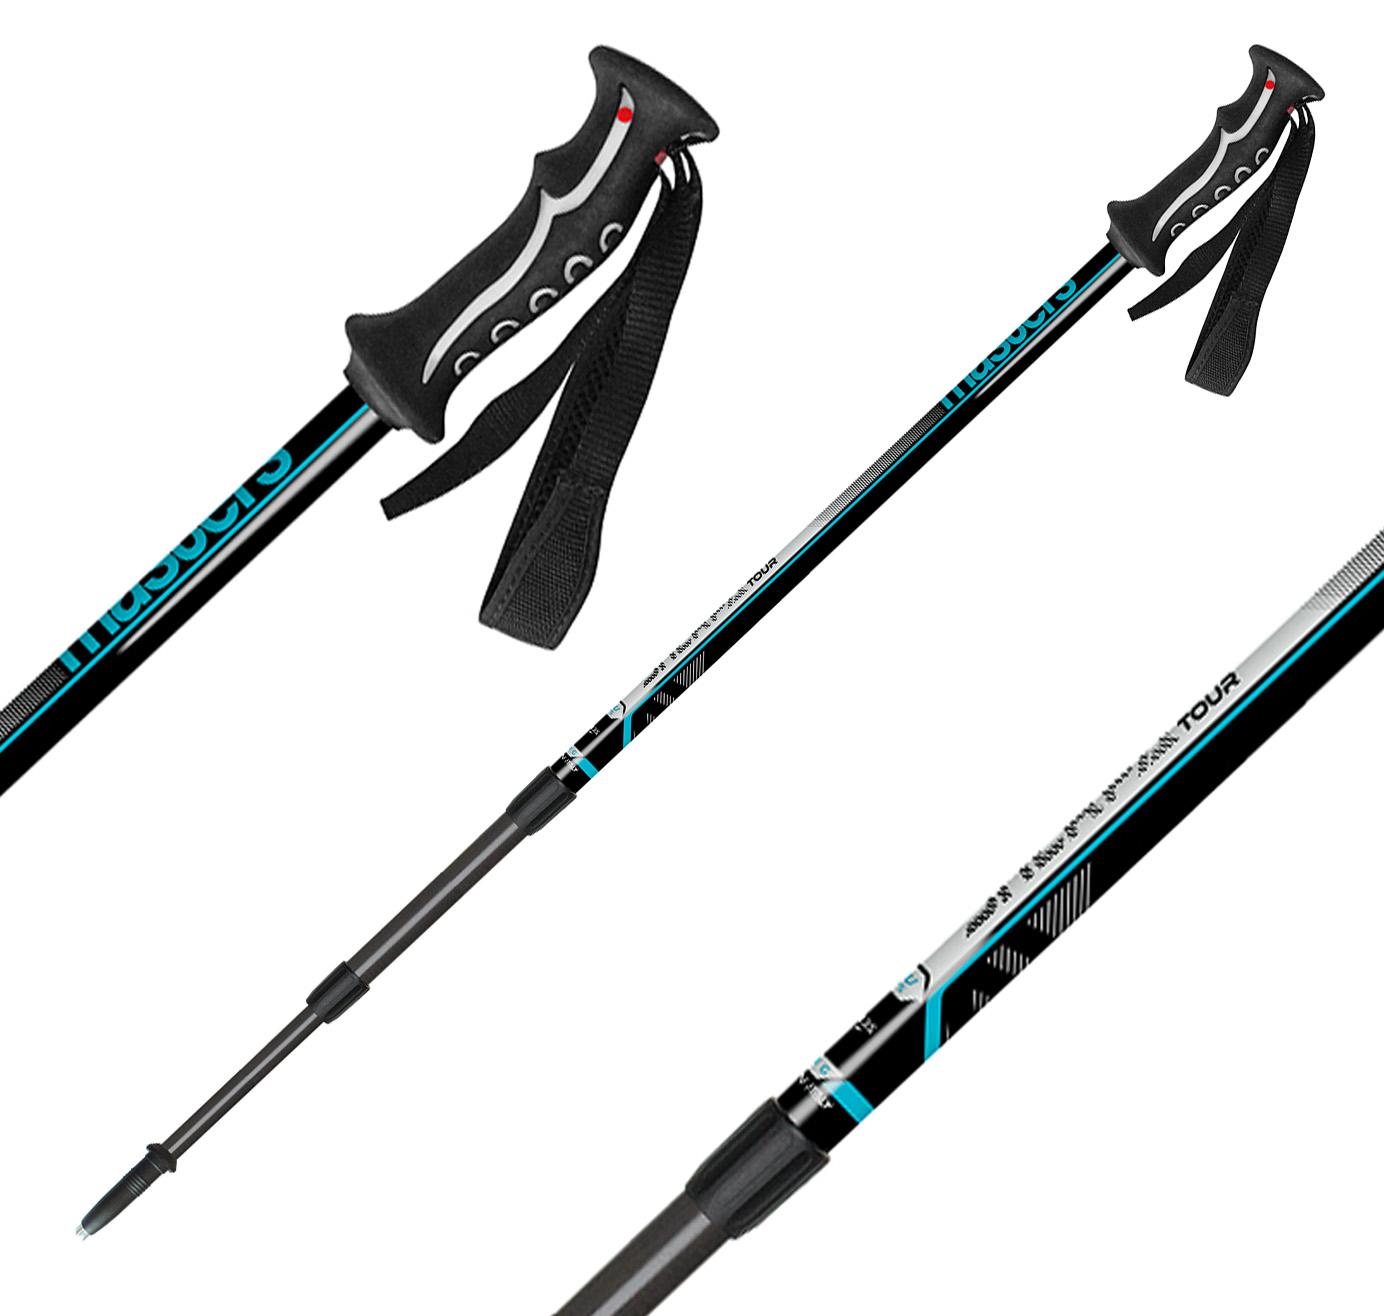 Телескопические палки, SHERPA TOUR, RECREATIONAL TREKKING СЕРИЯ 01S1316, Треккинговые палки - арт. 510160287